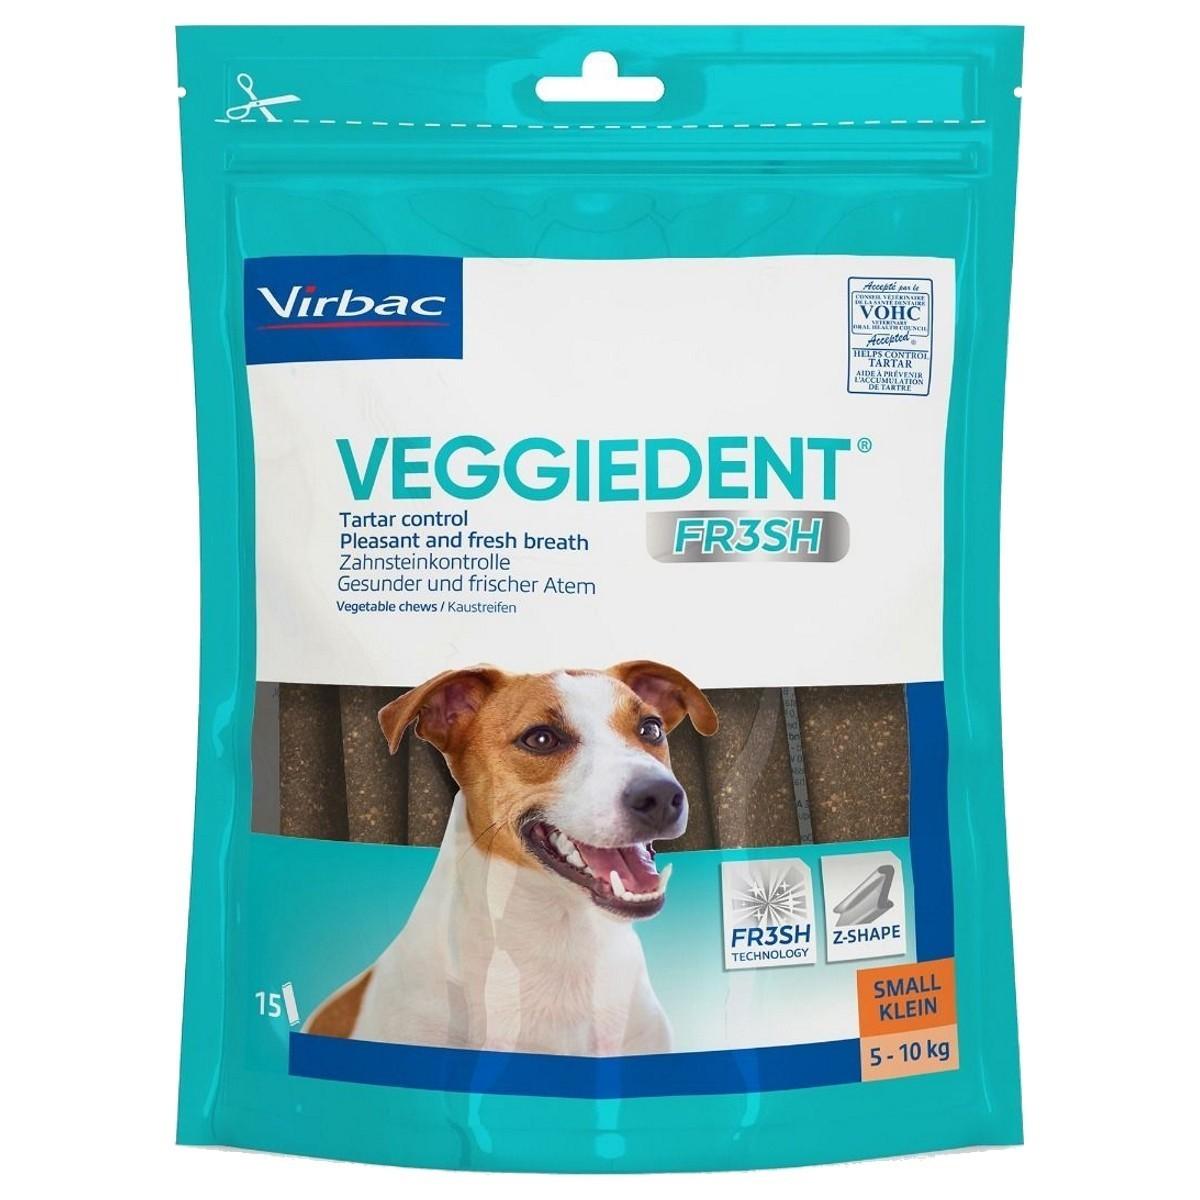 Veggiedent Fr3sh S, batoane masticabile pentru igiena orala pentru caini de talie mica (5-10 kg) - 15 buc